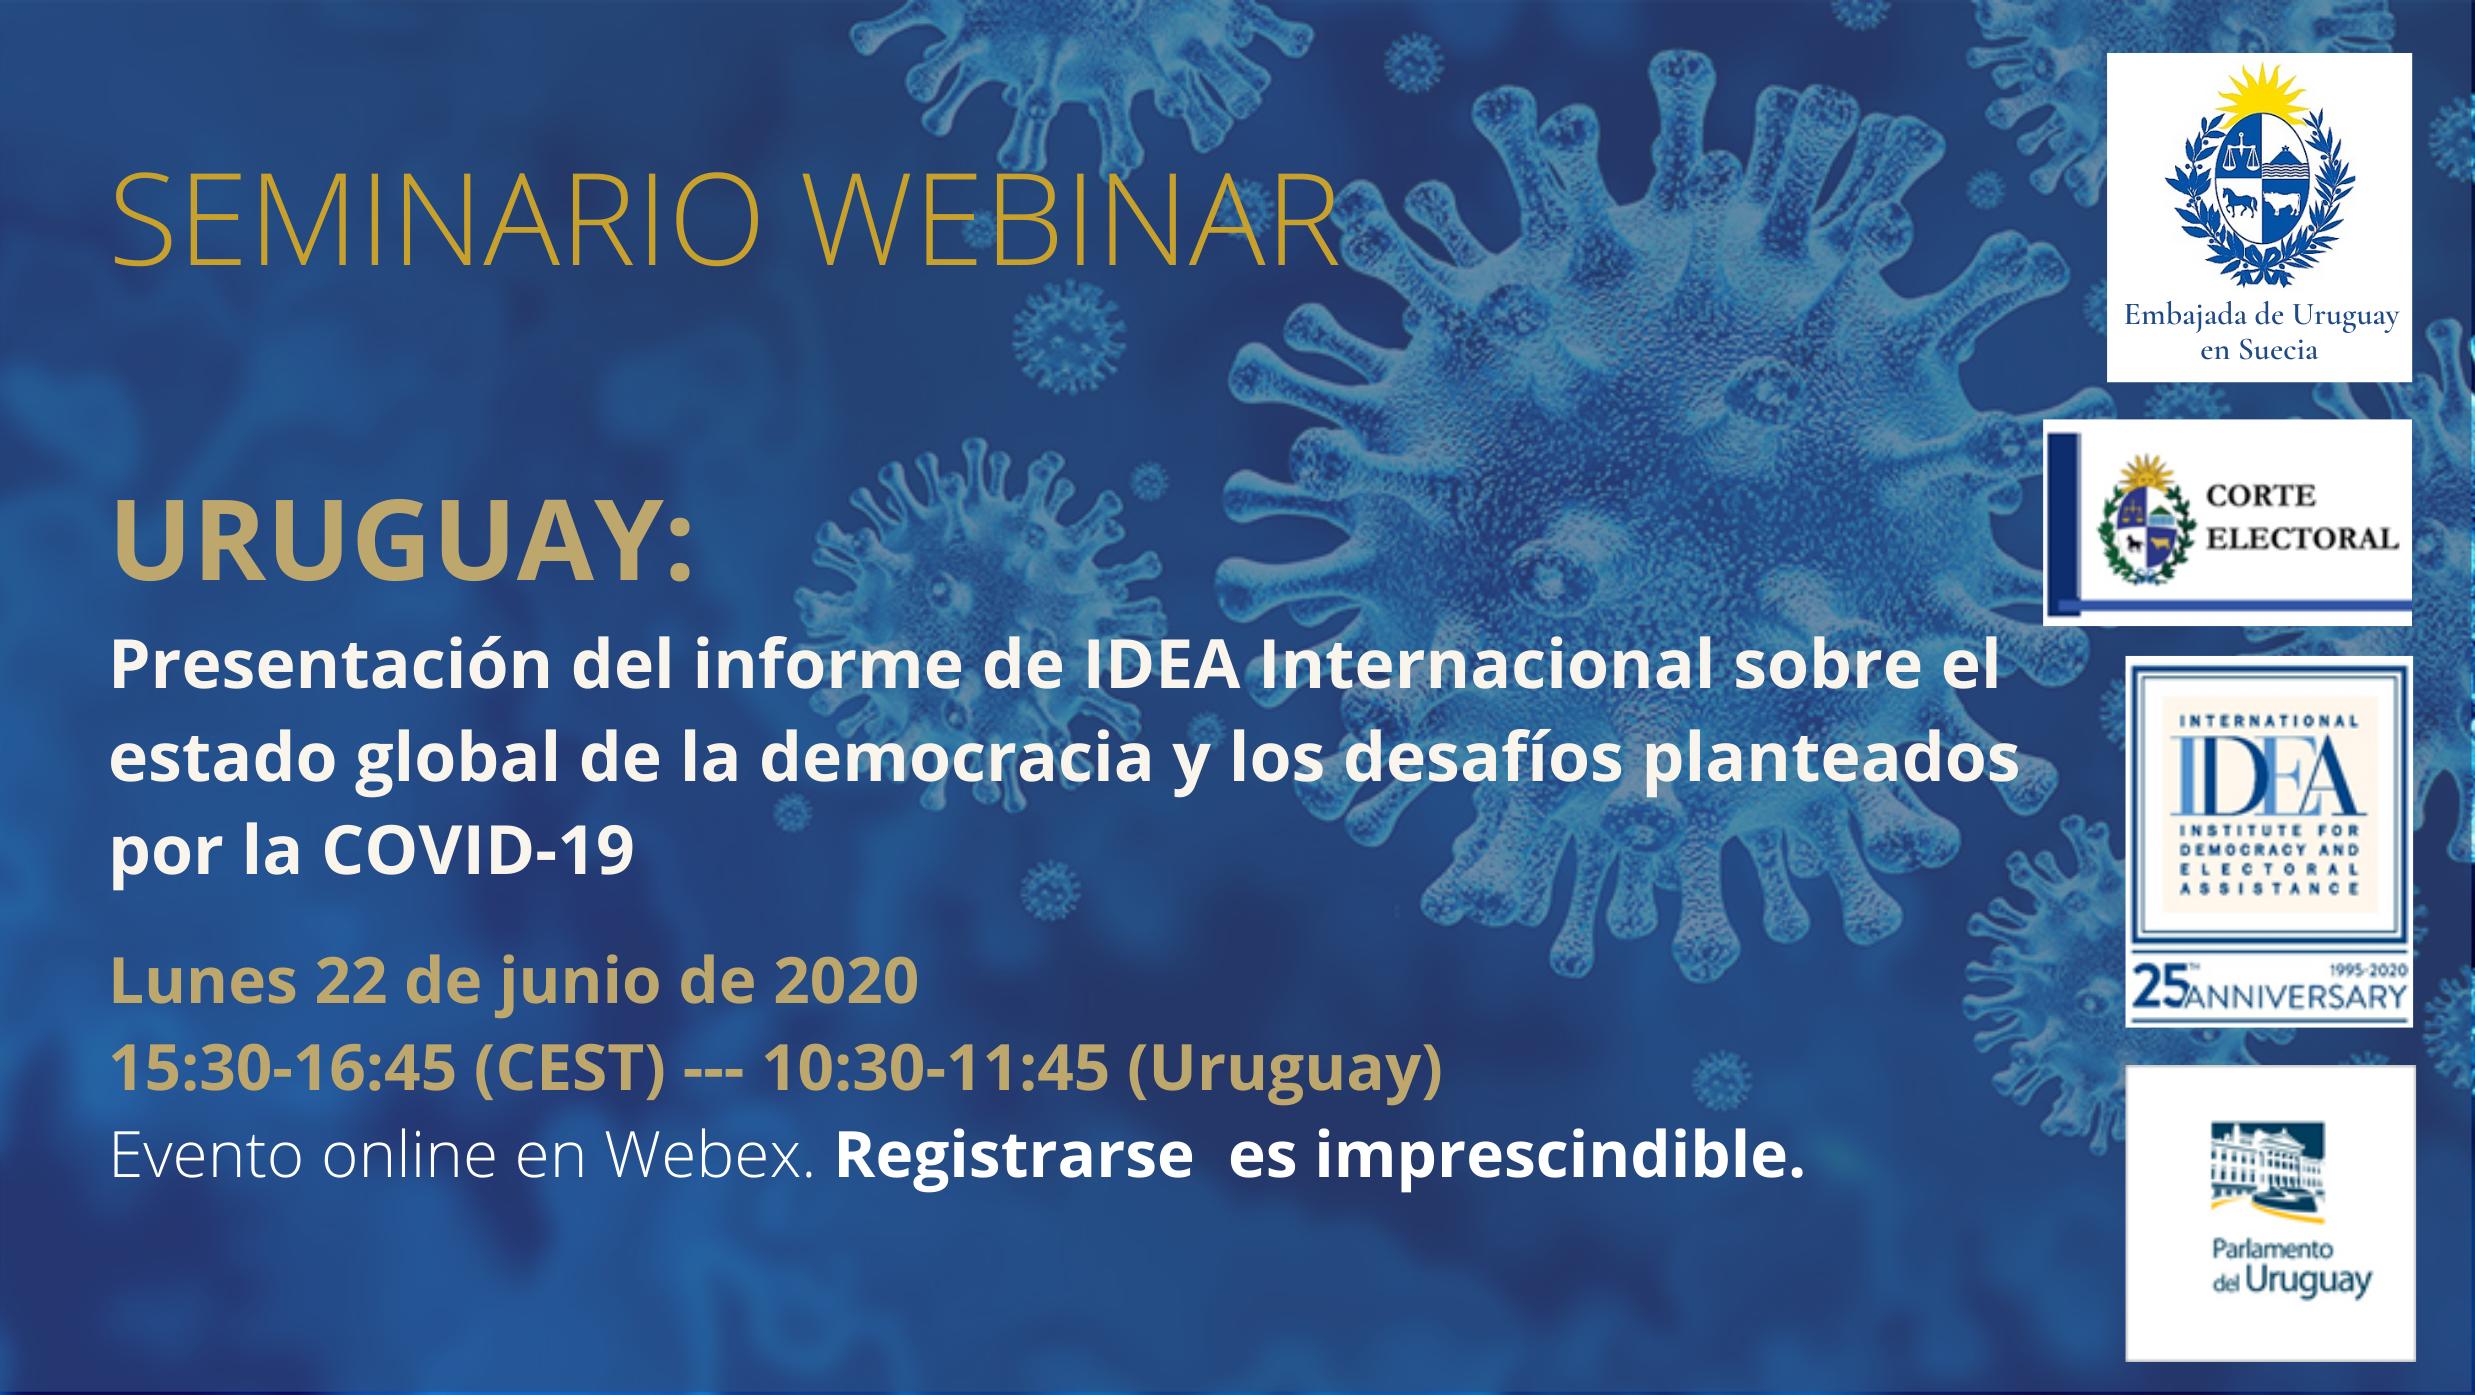 Uruguay: Presentación del informe de IDEA Internacional sobre el estado global de la democracia y los desafíos planteados por la COVID-19